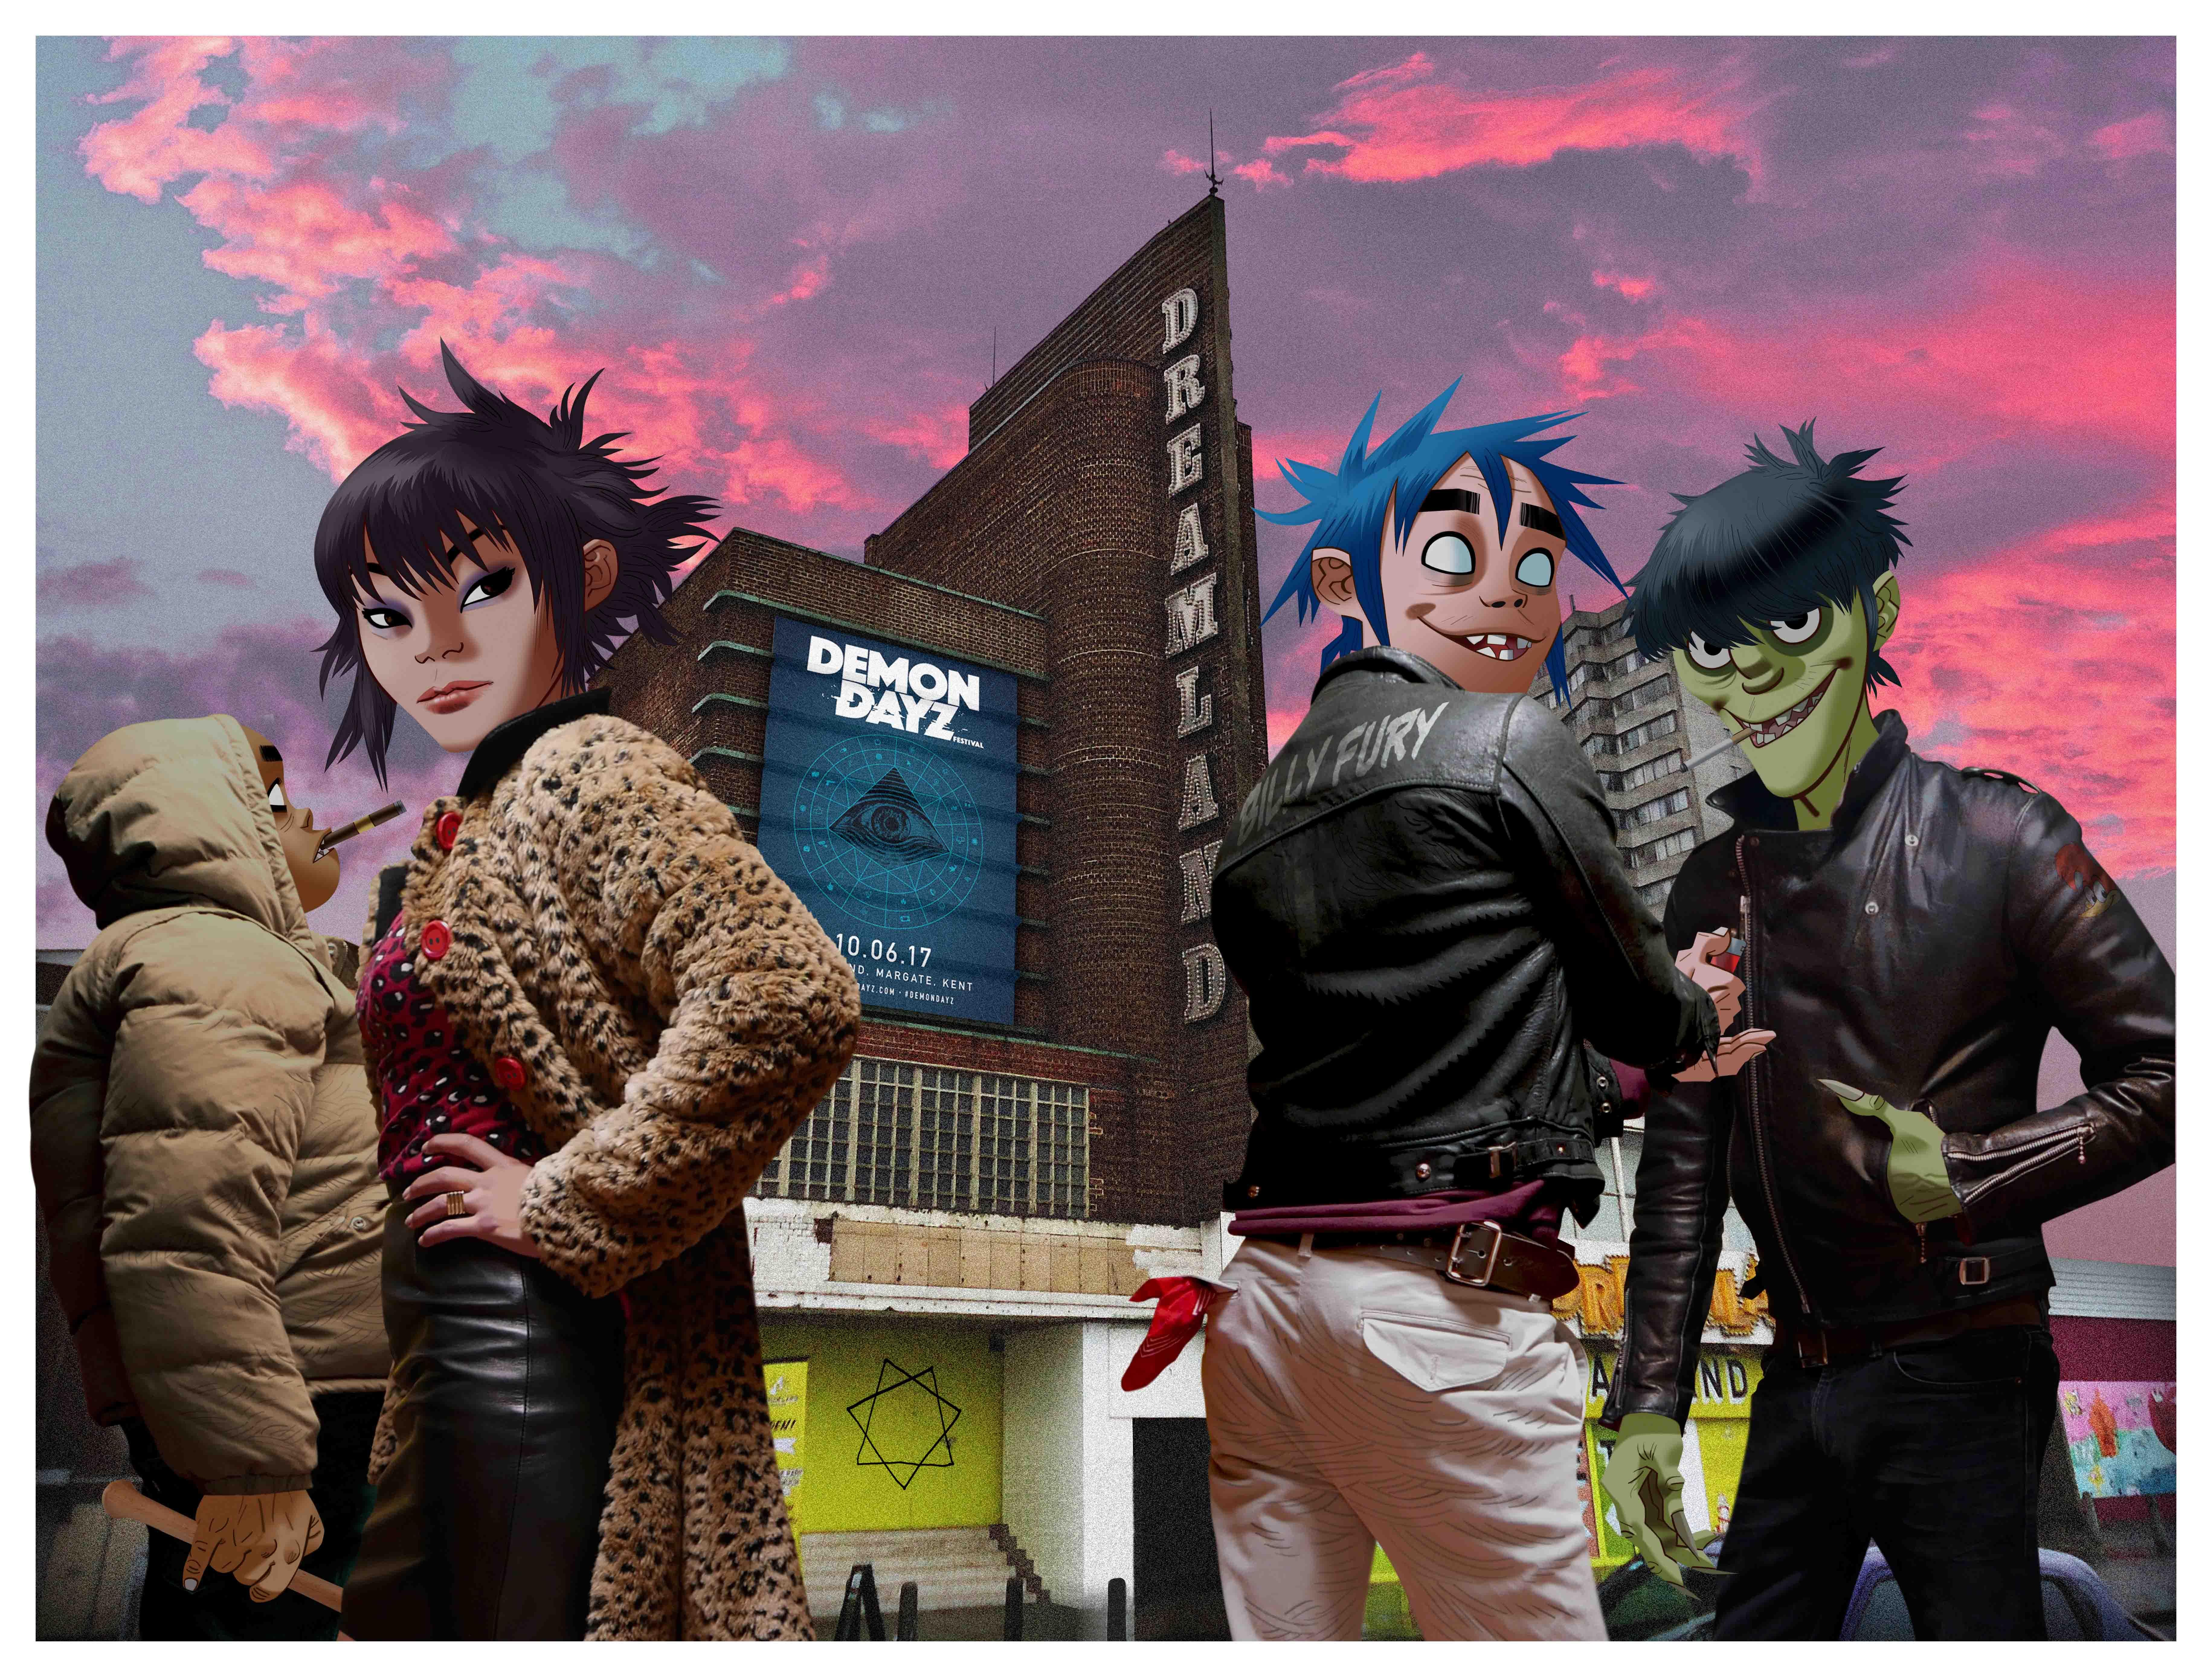 Gorillaz_Demon Dayz_Dreamland